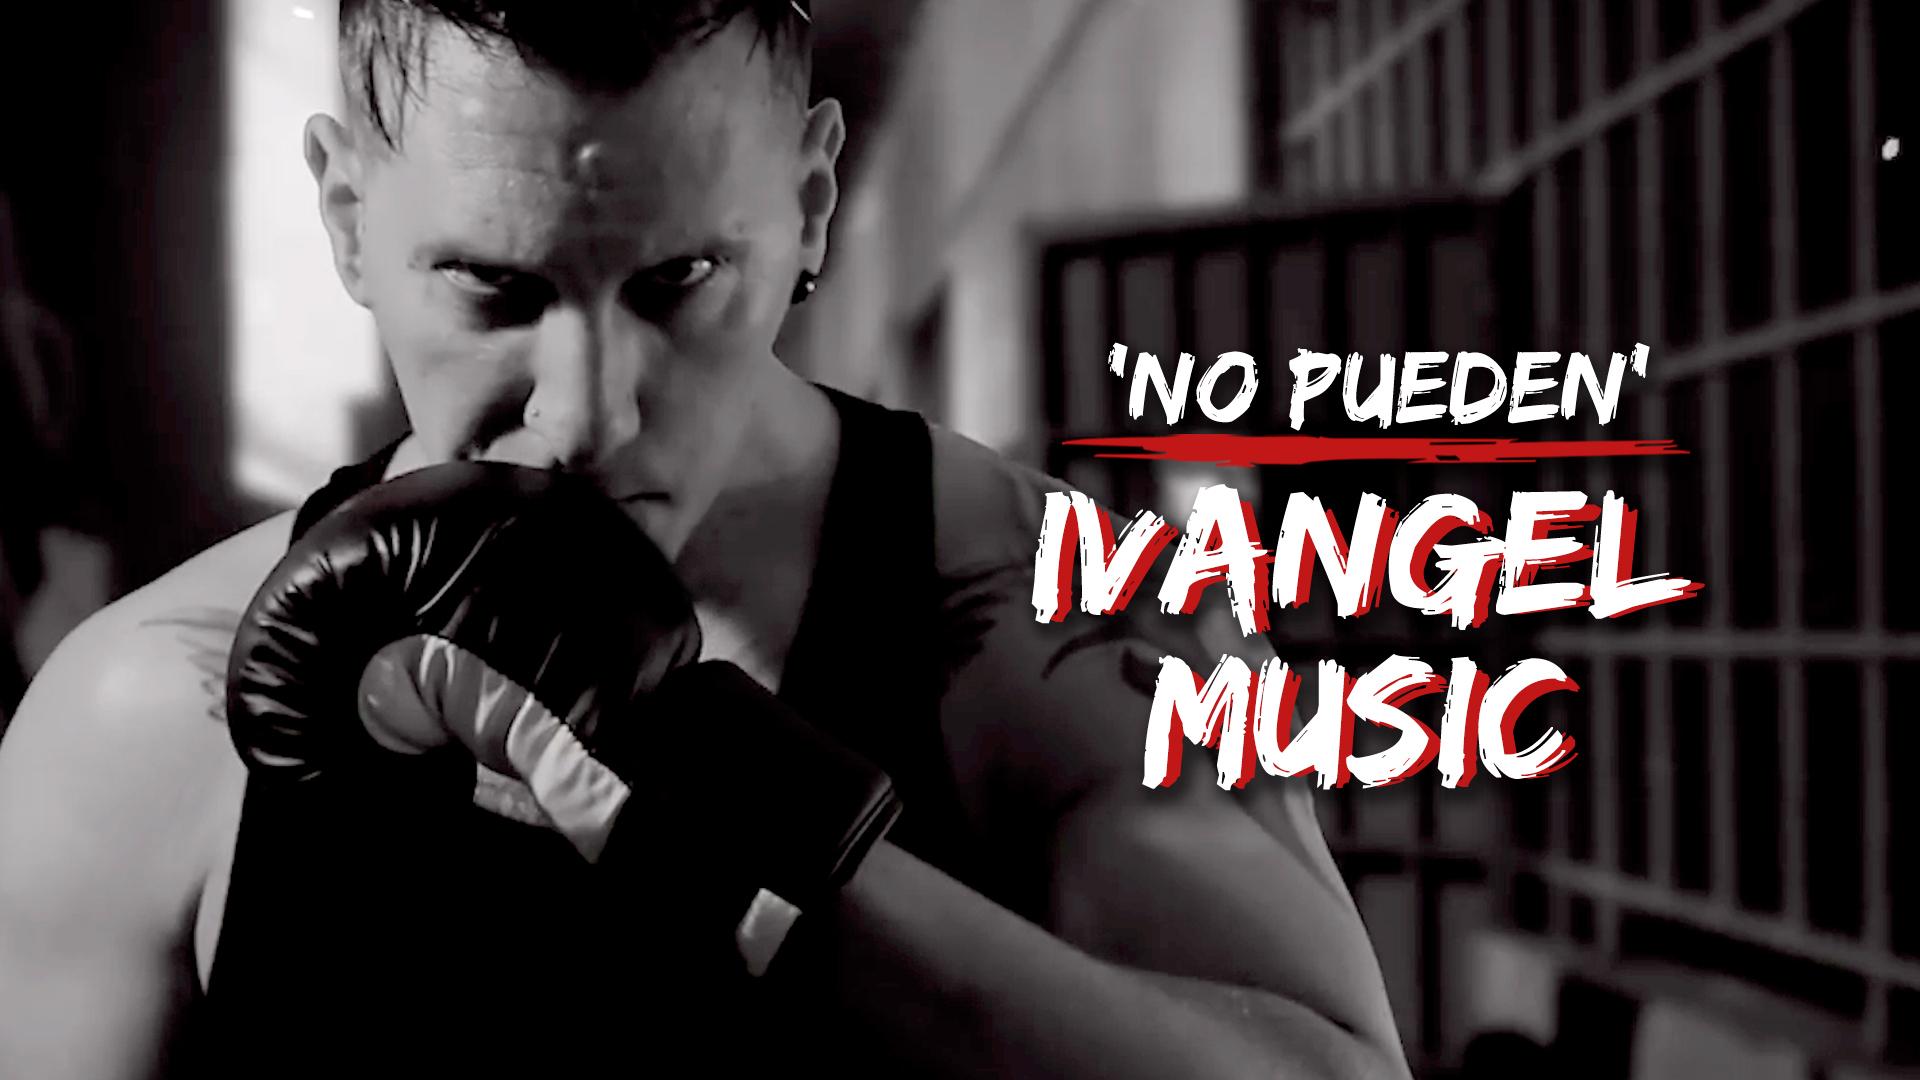 Temporada 1 Ivangel Music – No pueden   Más de 100 mentiras